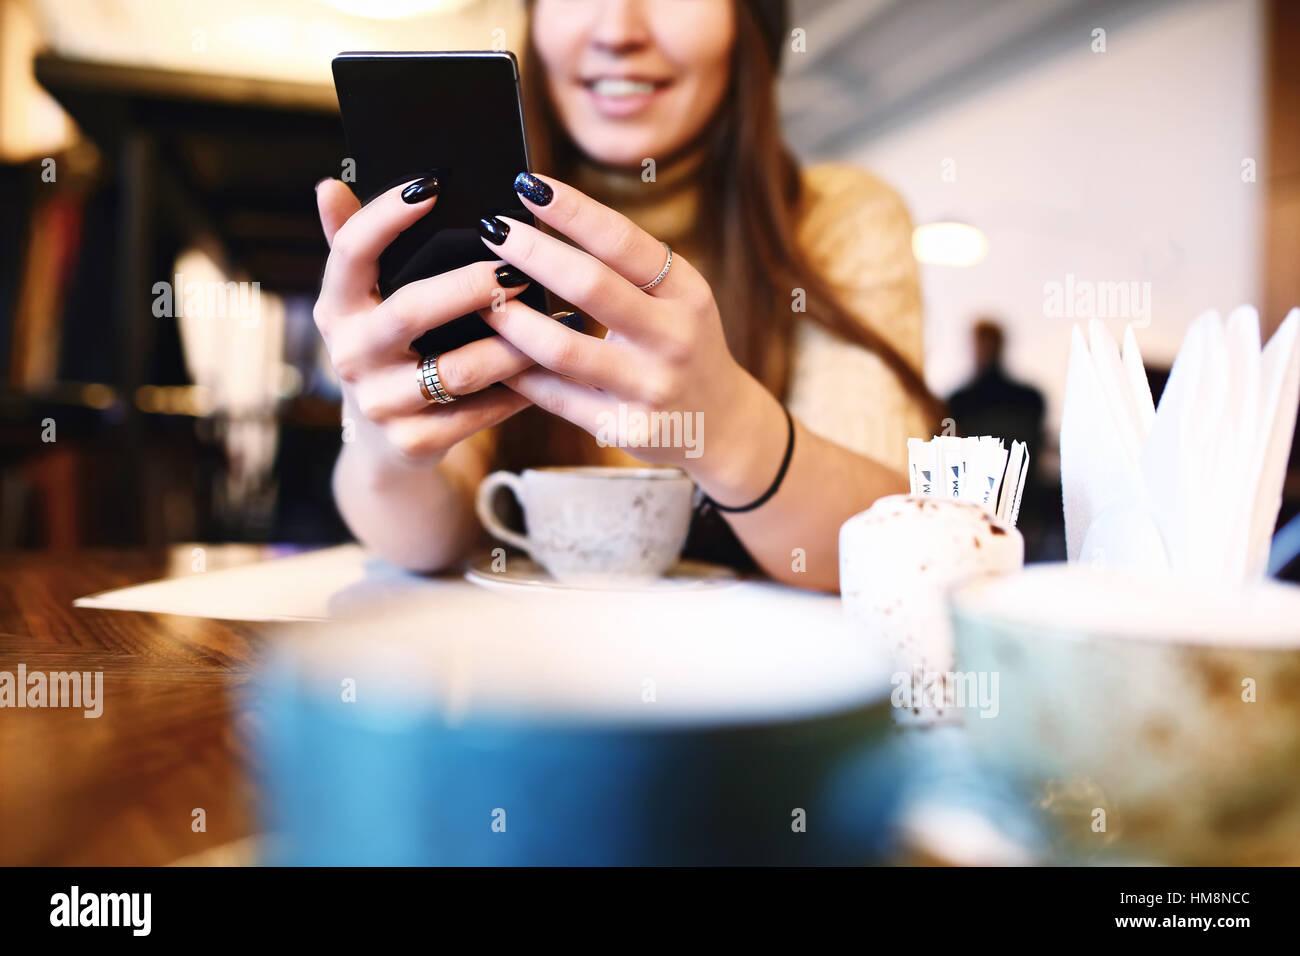 Mujer escribiendo un mensaje de texto en el teléfono inteligente en un café. Imagen recortada de una joven Imagen De Stock